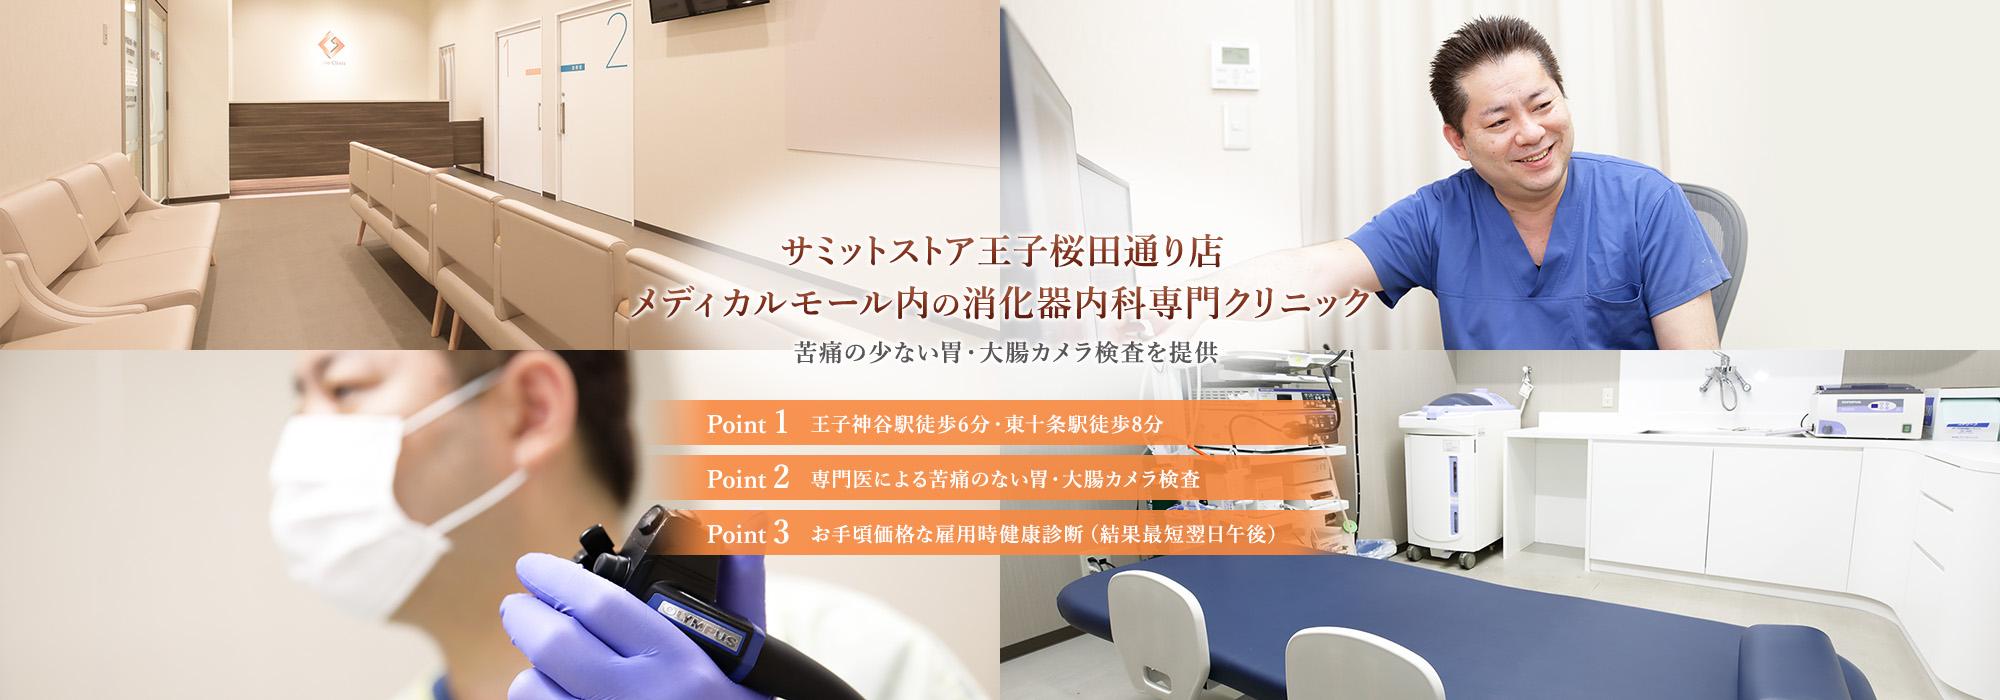 サミットストア王子桜田通り店メディカルモール内の消化器内科専門クリニック 苦痛のない胃・大腸カメラ検査を提供